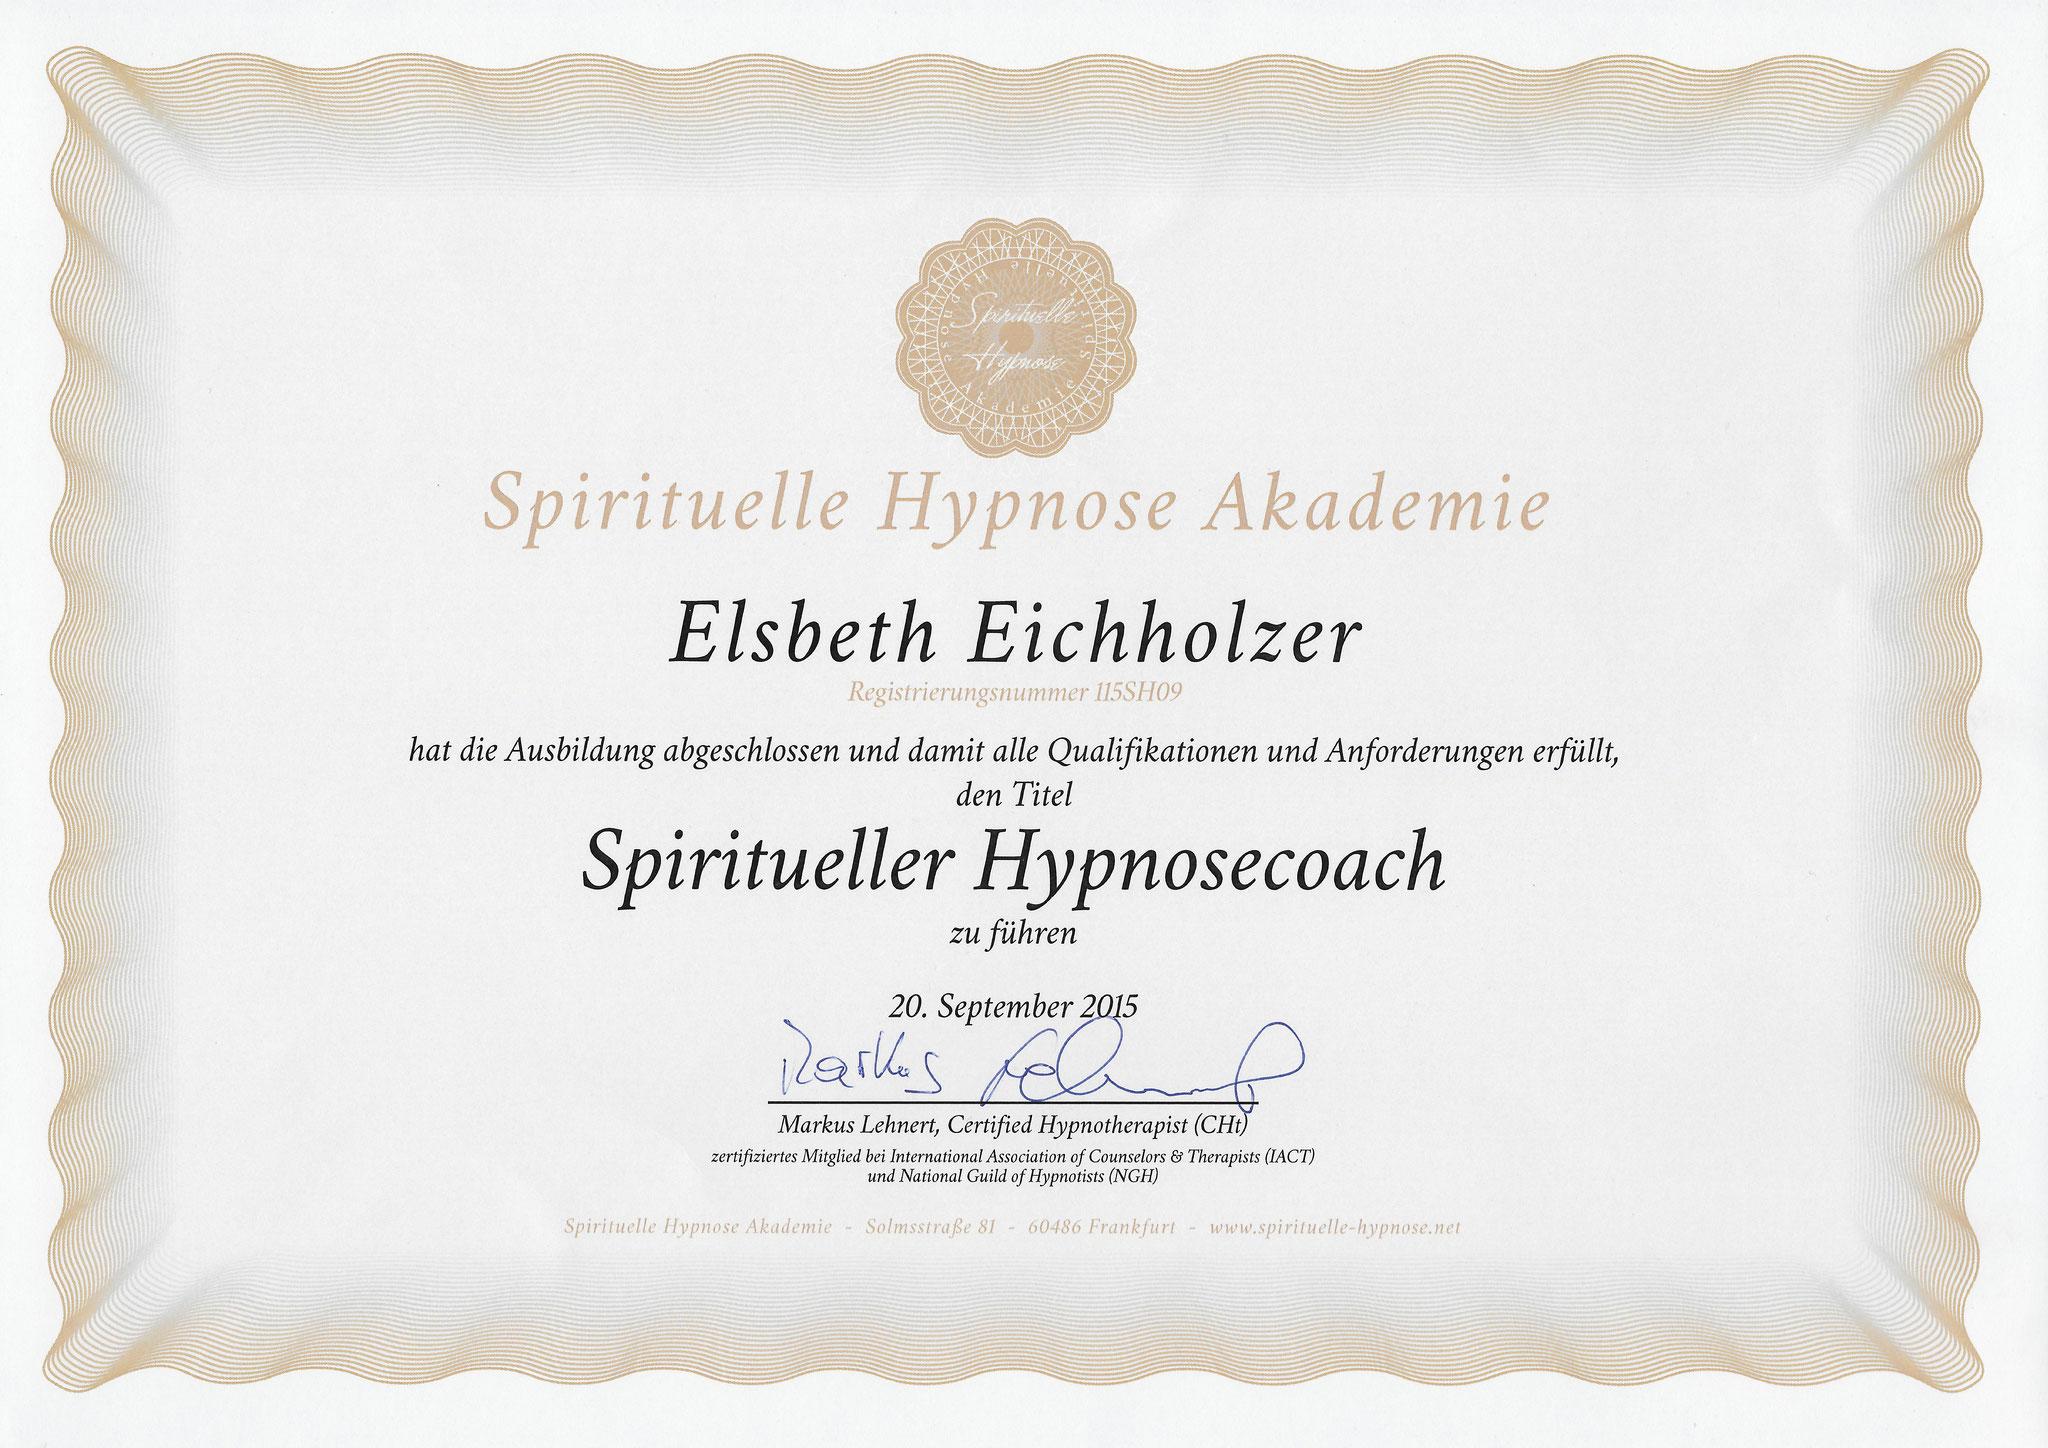 Spiritueller Hypnosescoach